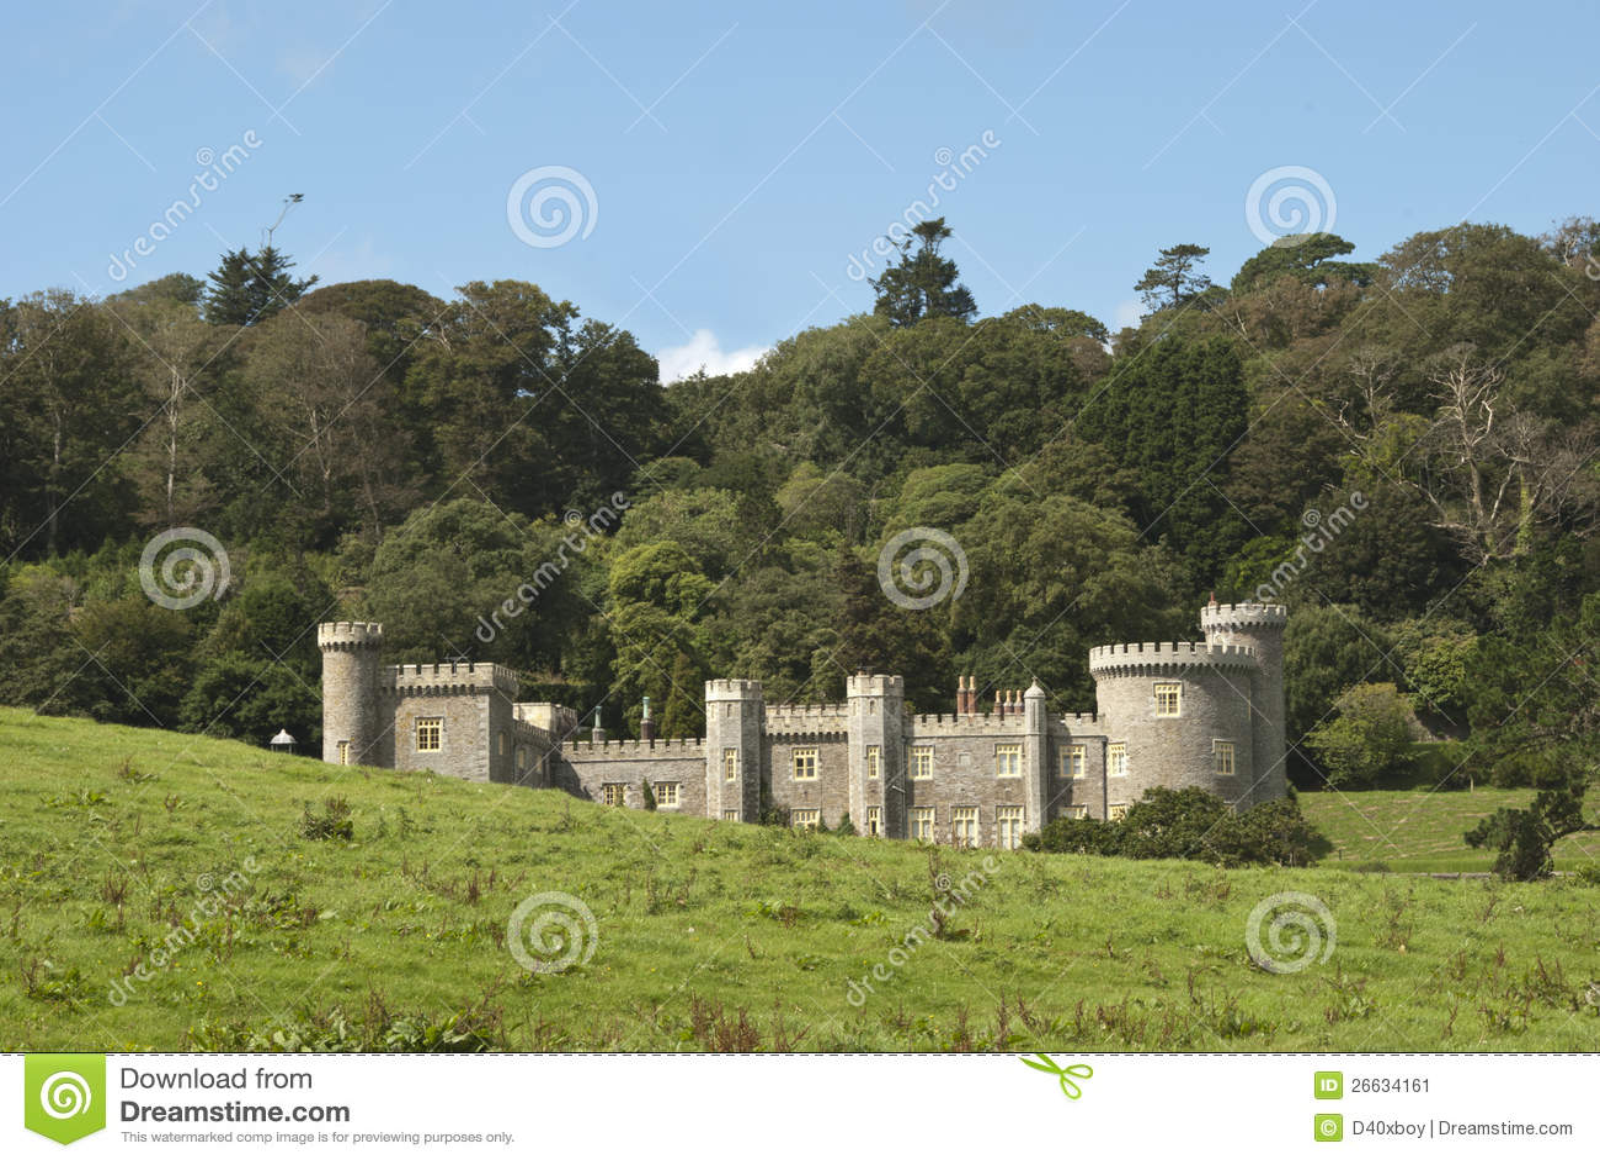 Castello della casa di campagna immagine stock immagine for Design della casa di campagna